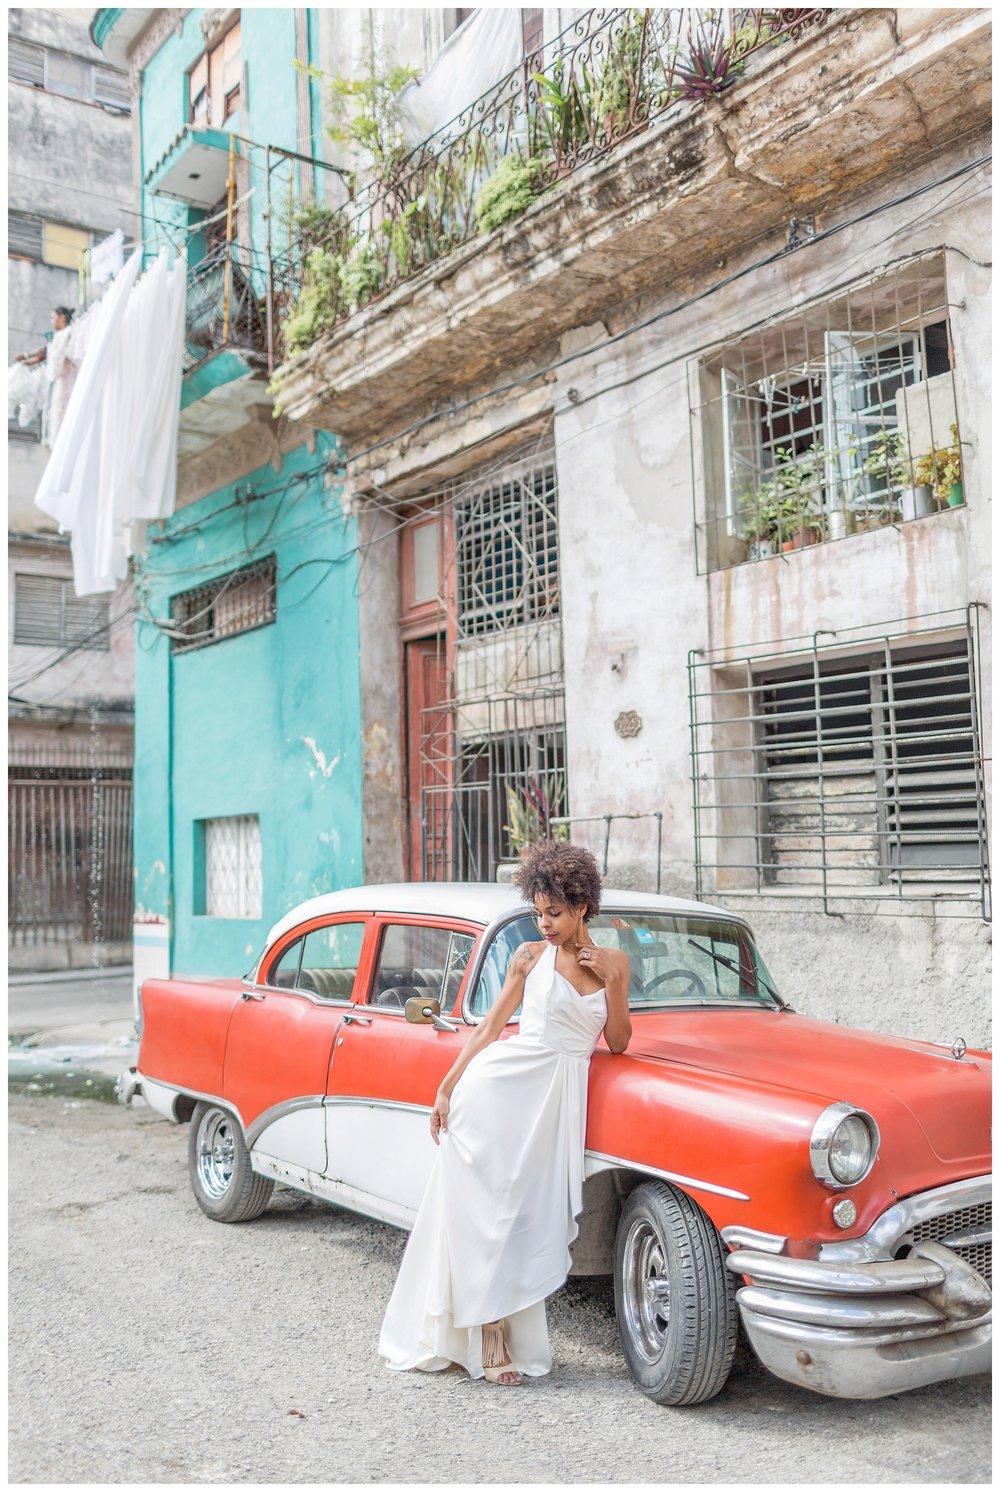 Cuba Editorial Photo Shoot_0018.jpg